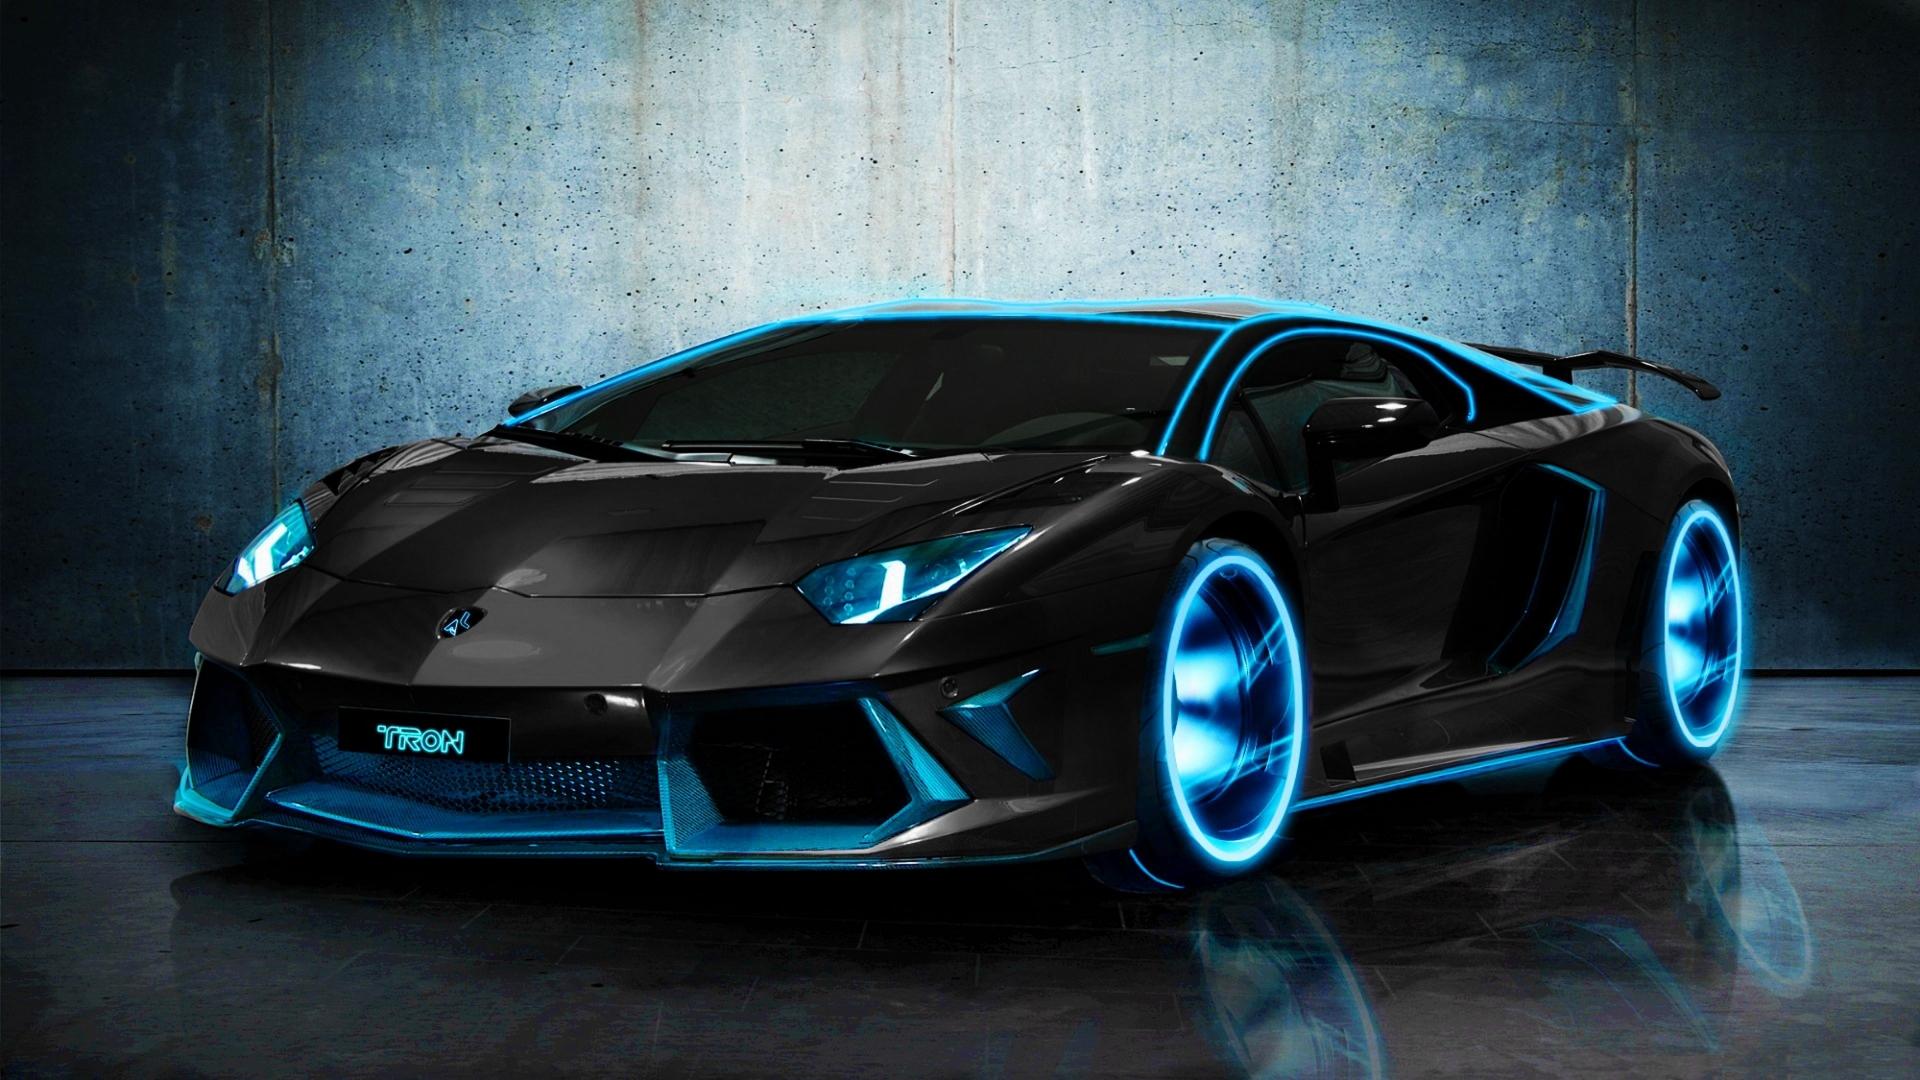 Lamborghini Aventador Wallpaper Hd 1080p I0   1650634 1920x1080